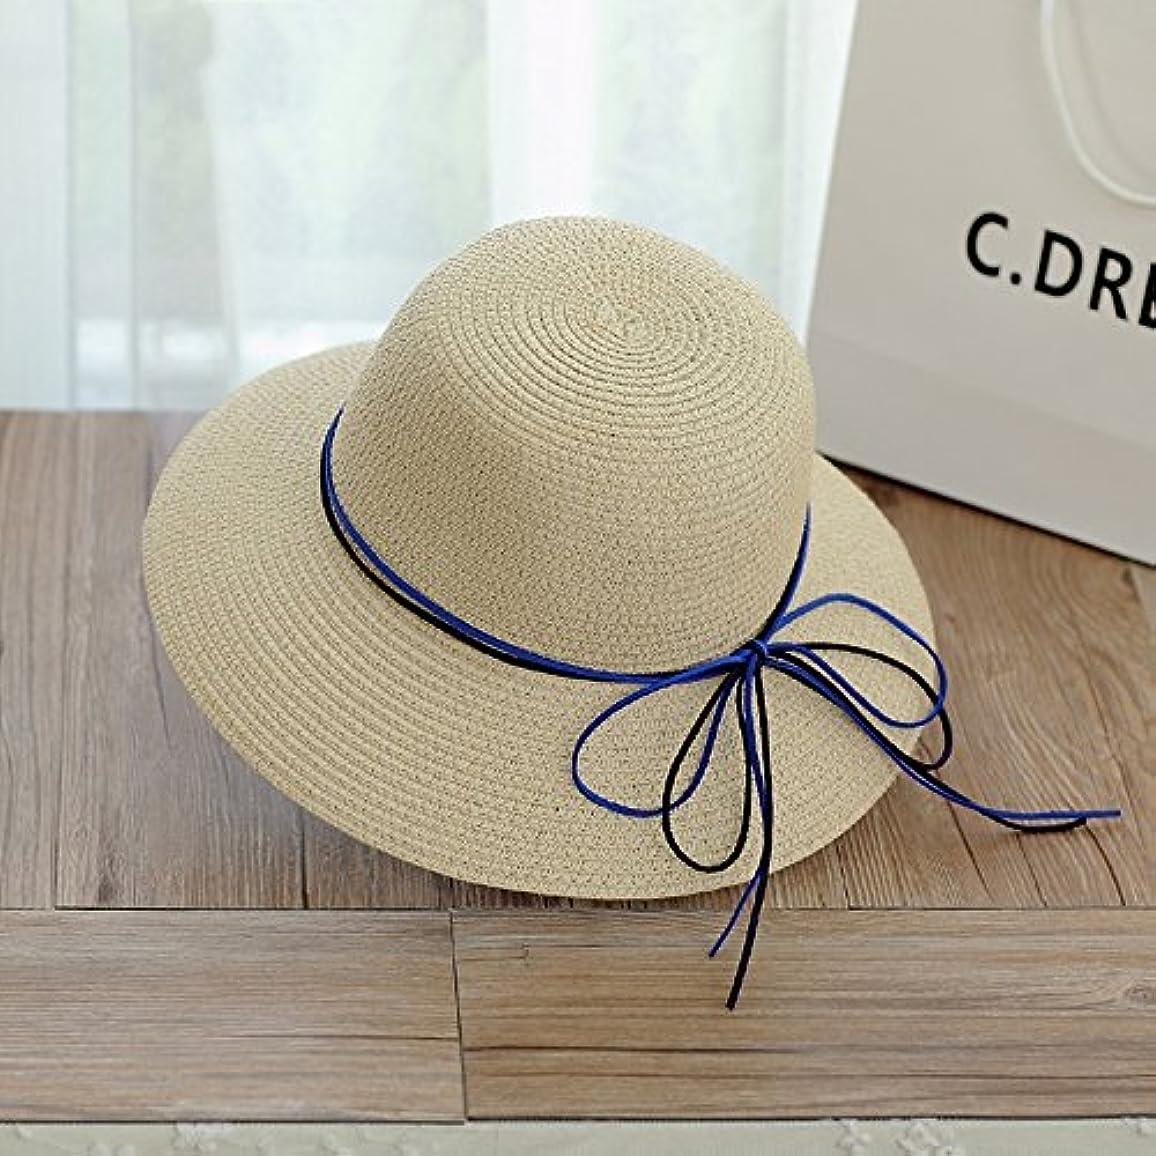 専門化する趣味修士号日よけ帽 女性の夏太陽の帽子顔を覆う日焼け止めのビーチ帽子蝶タイの帽子 ( 色 : 5 )